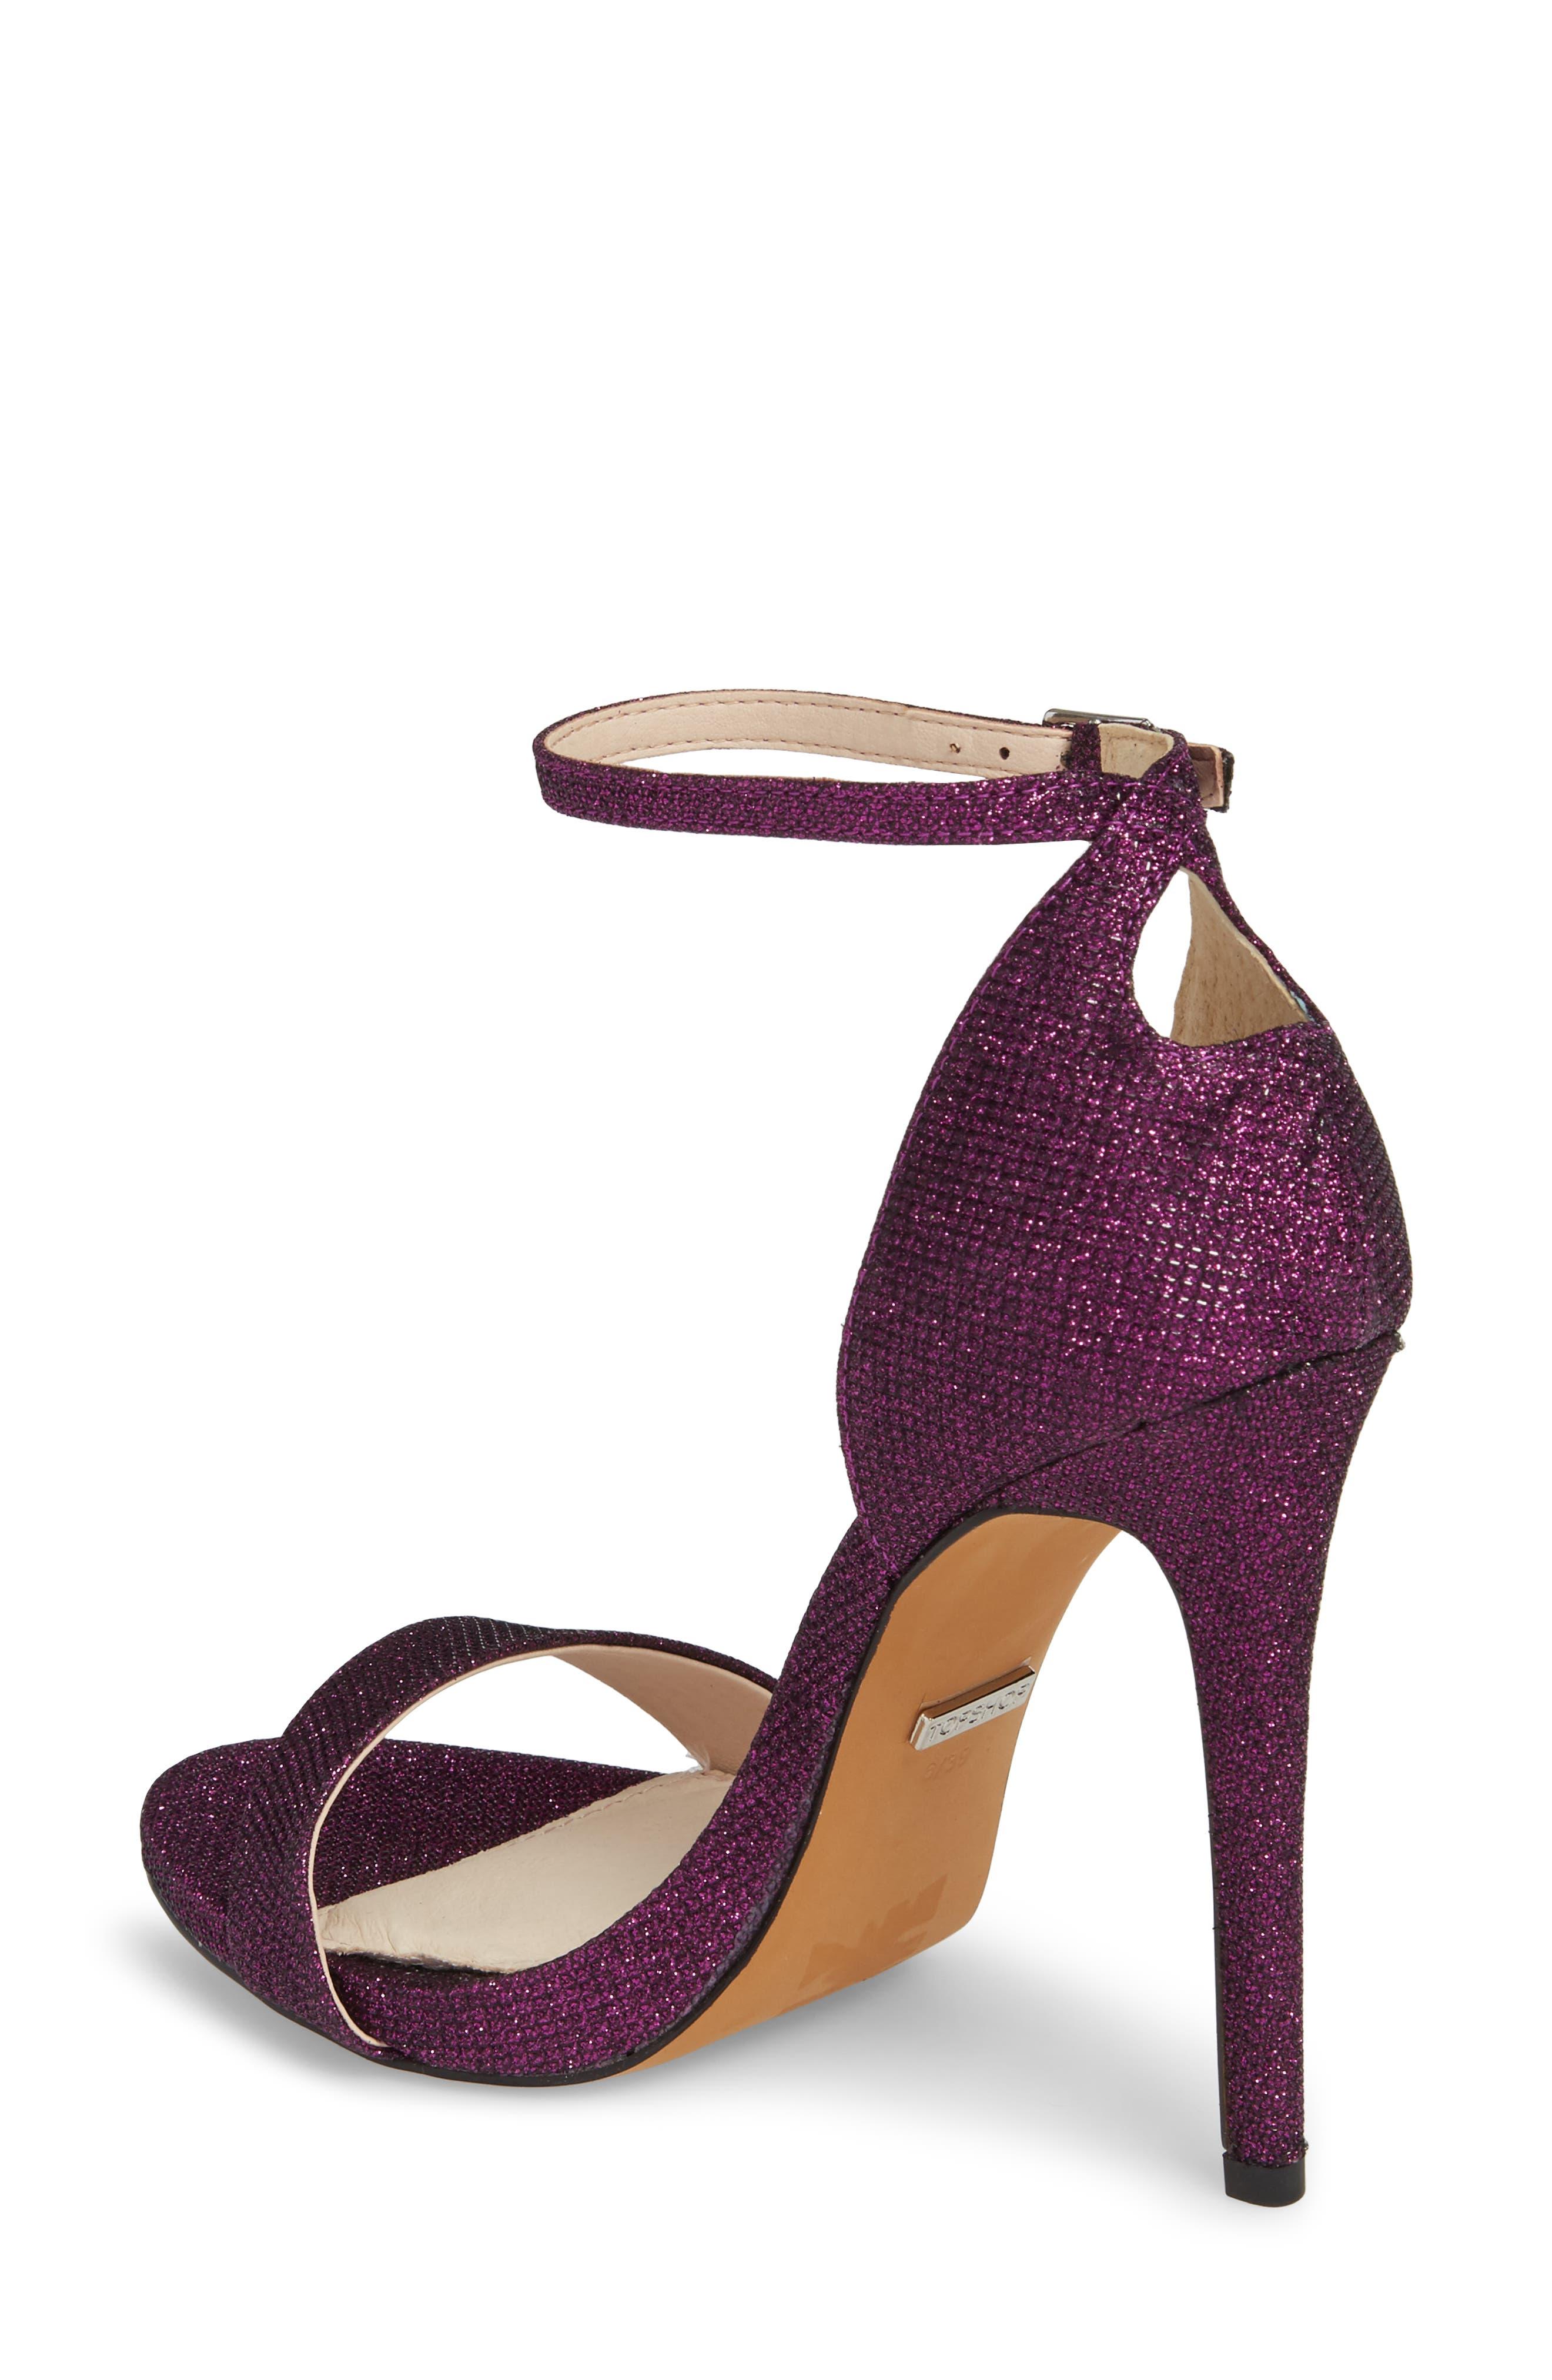 Raphie Ankle Strap Sandal,                             Alternate thumbnail 2, color,                             PURPLE